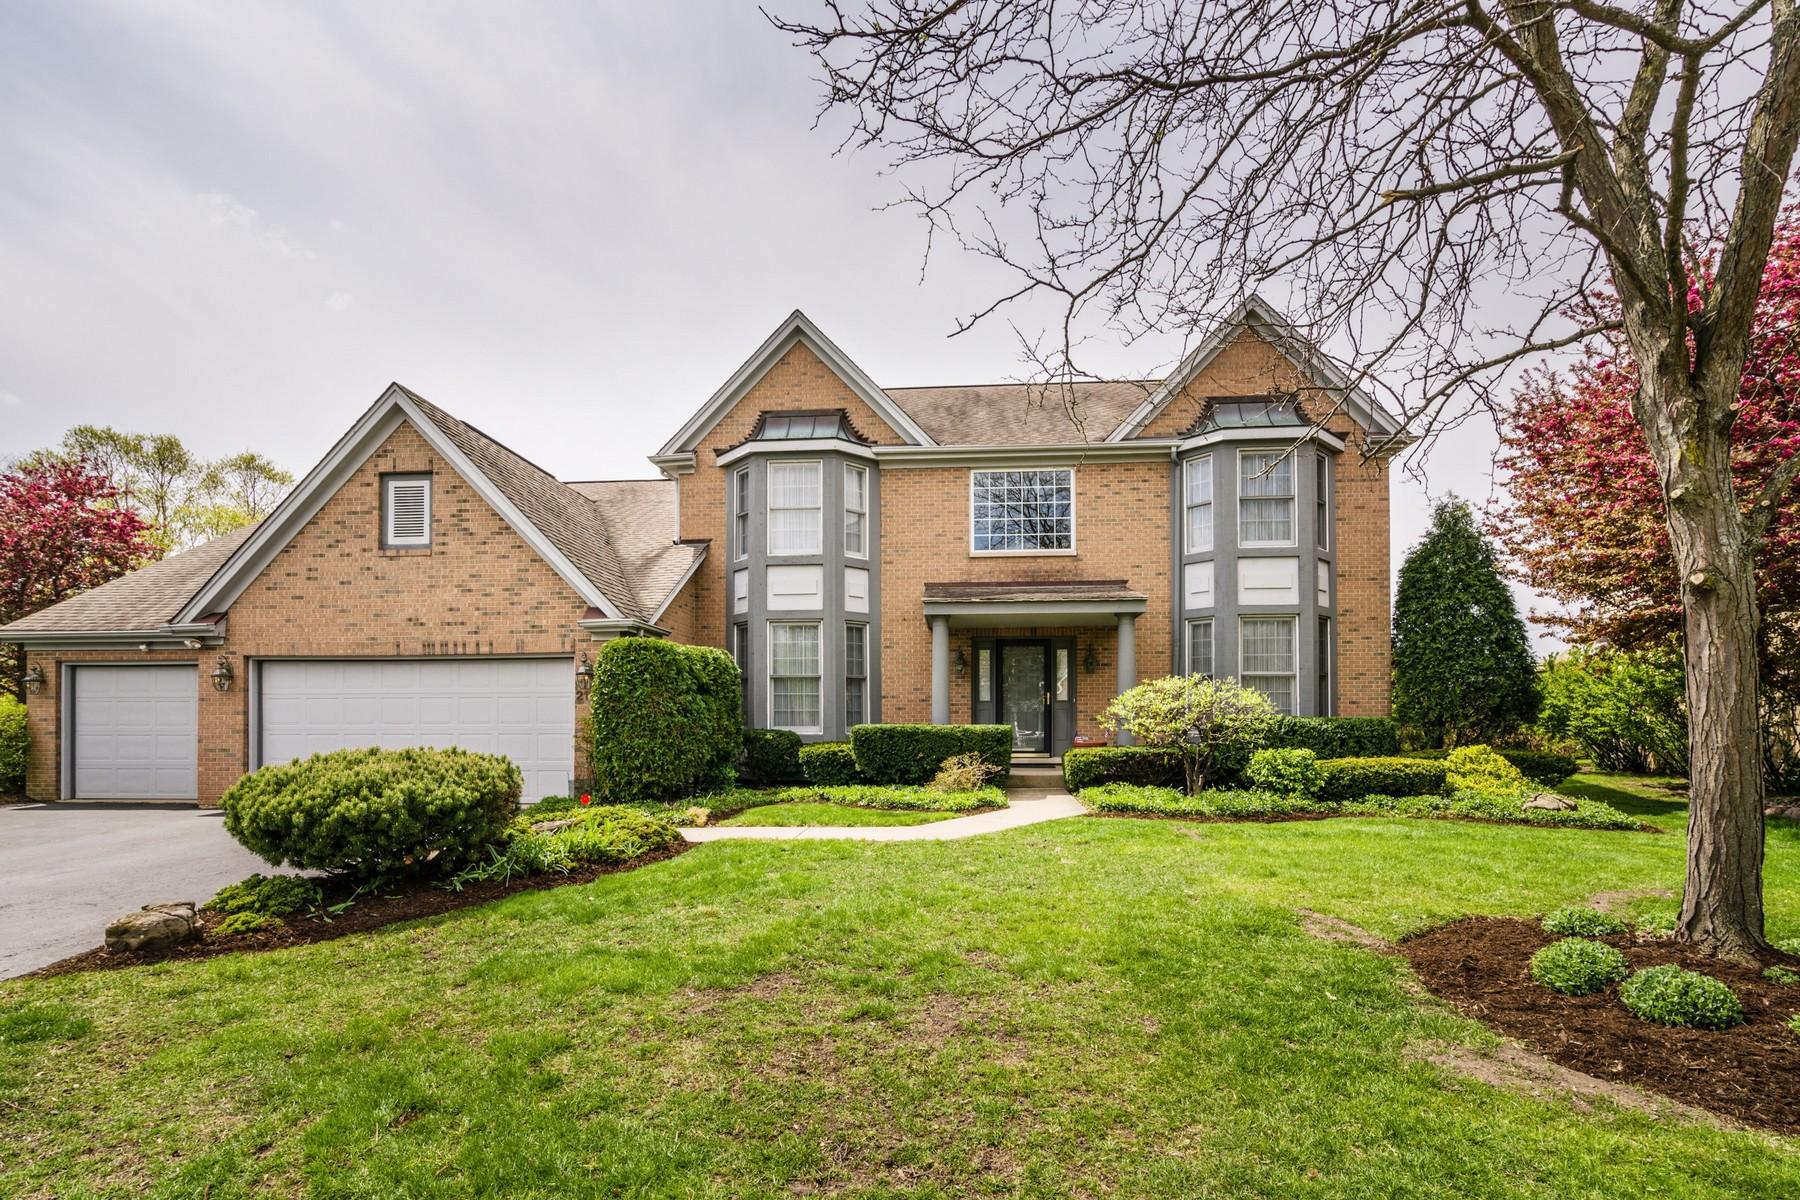 Villa per Vendita alle ore Sought-After Home in Glenlake Estates 2114 Warwick Lane Glenview, Illinois, 60026 Stati Uniti